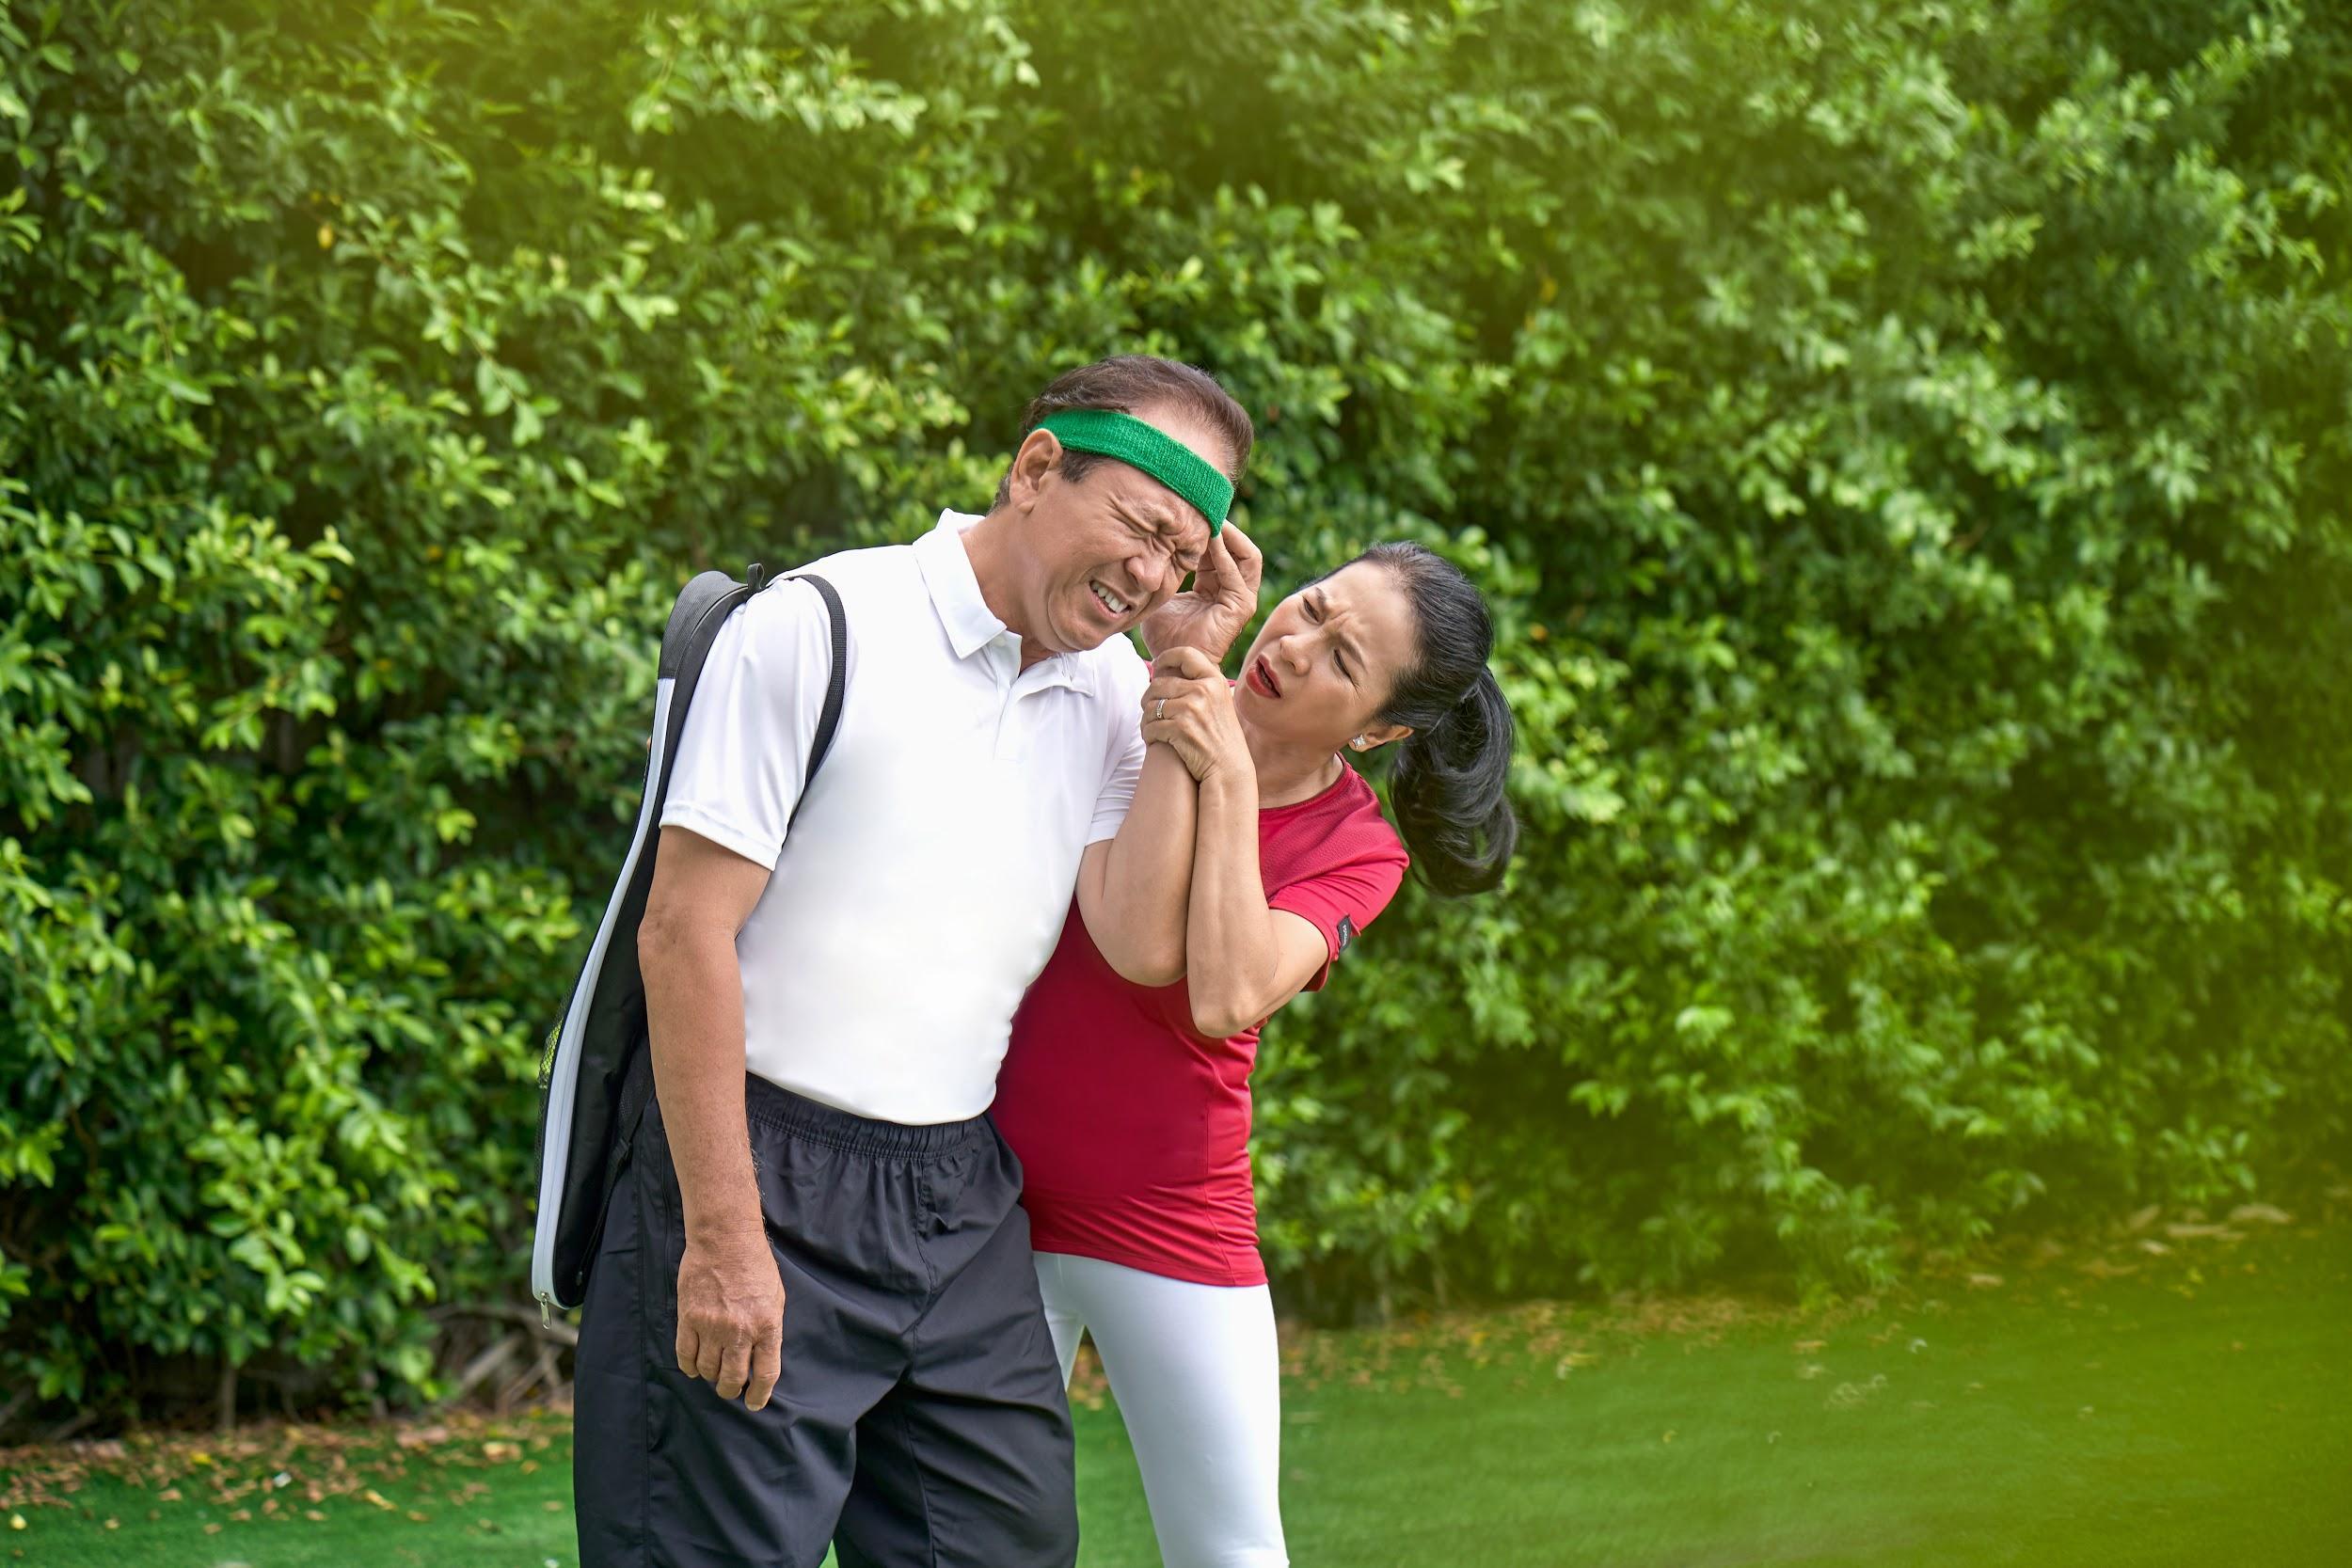 Dễ đột quỵ, trúng gió khi tập thể dục vì những sai lầm này-1